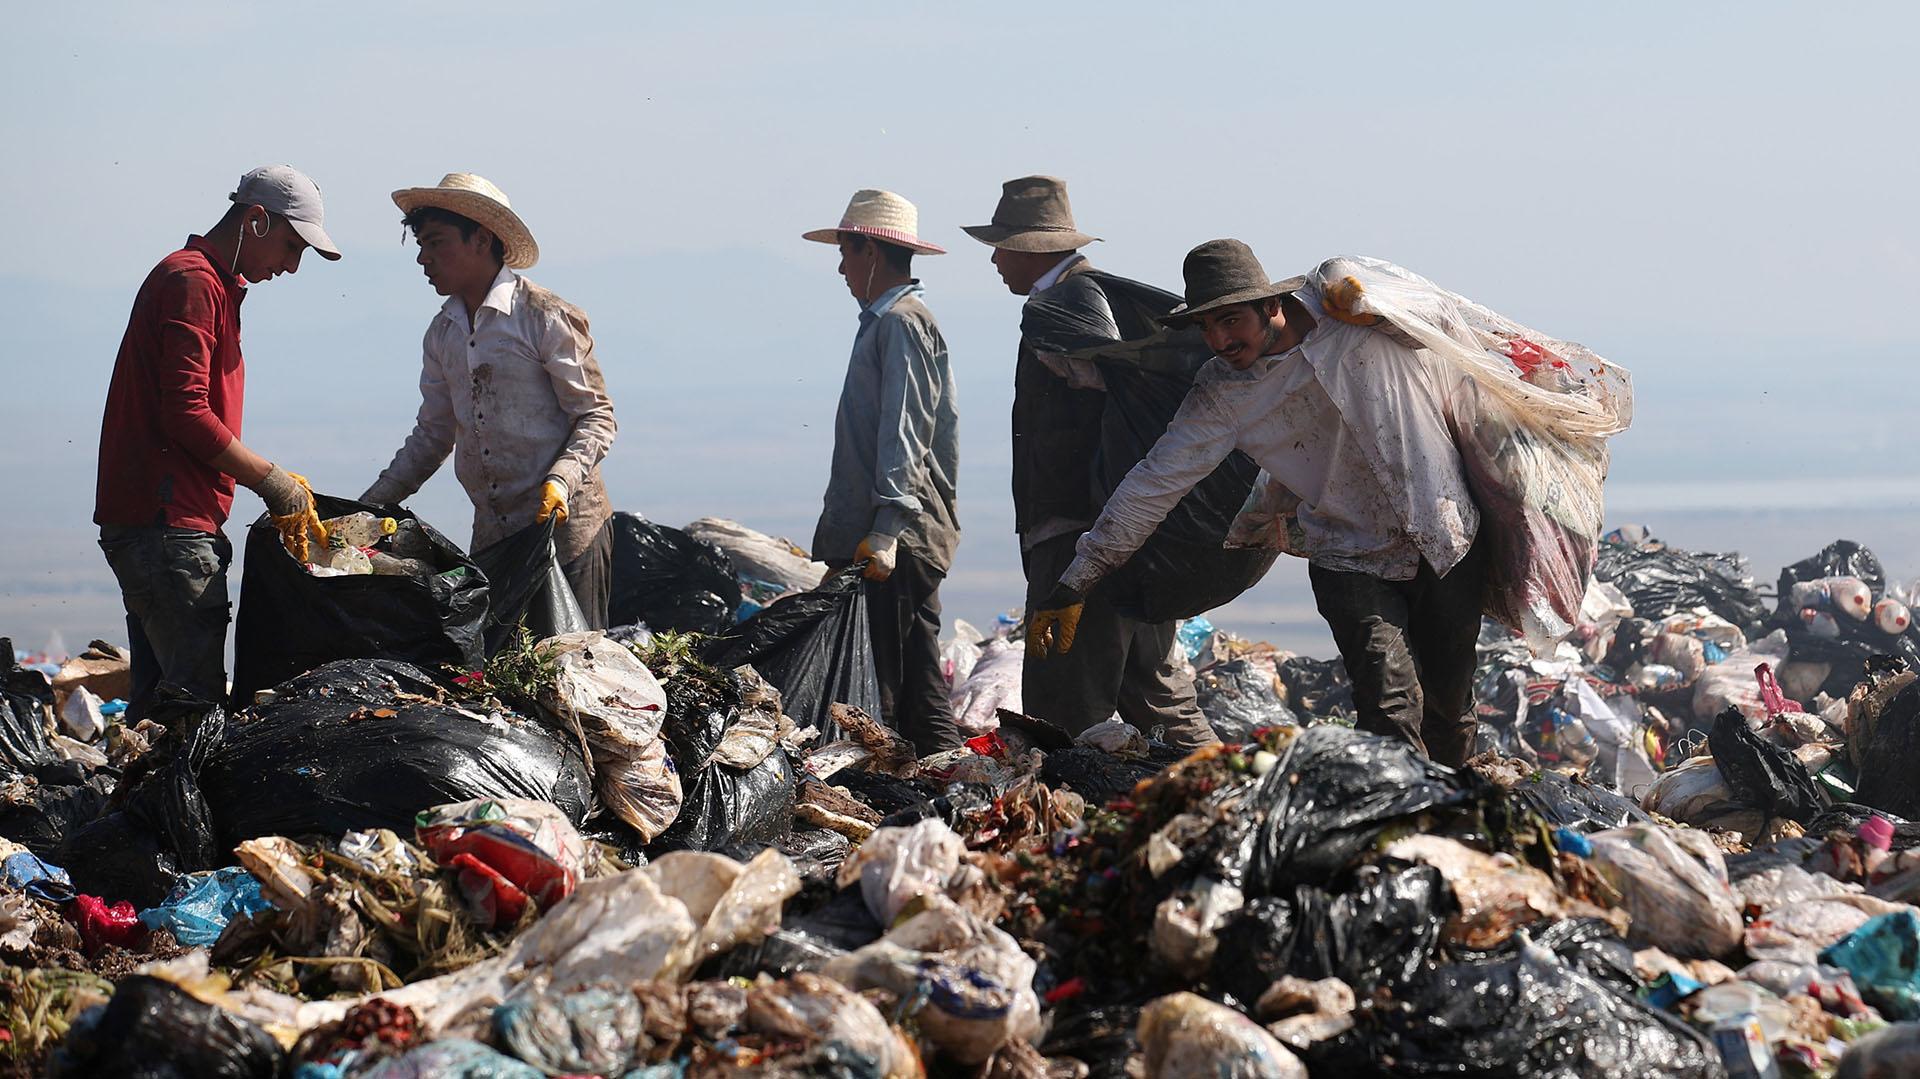 Recolectores de basura buscan deshechos reciclables en un vertedero en Diyarbakir, Turquía (REUTERS/Umit Bektas)